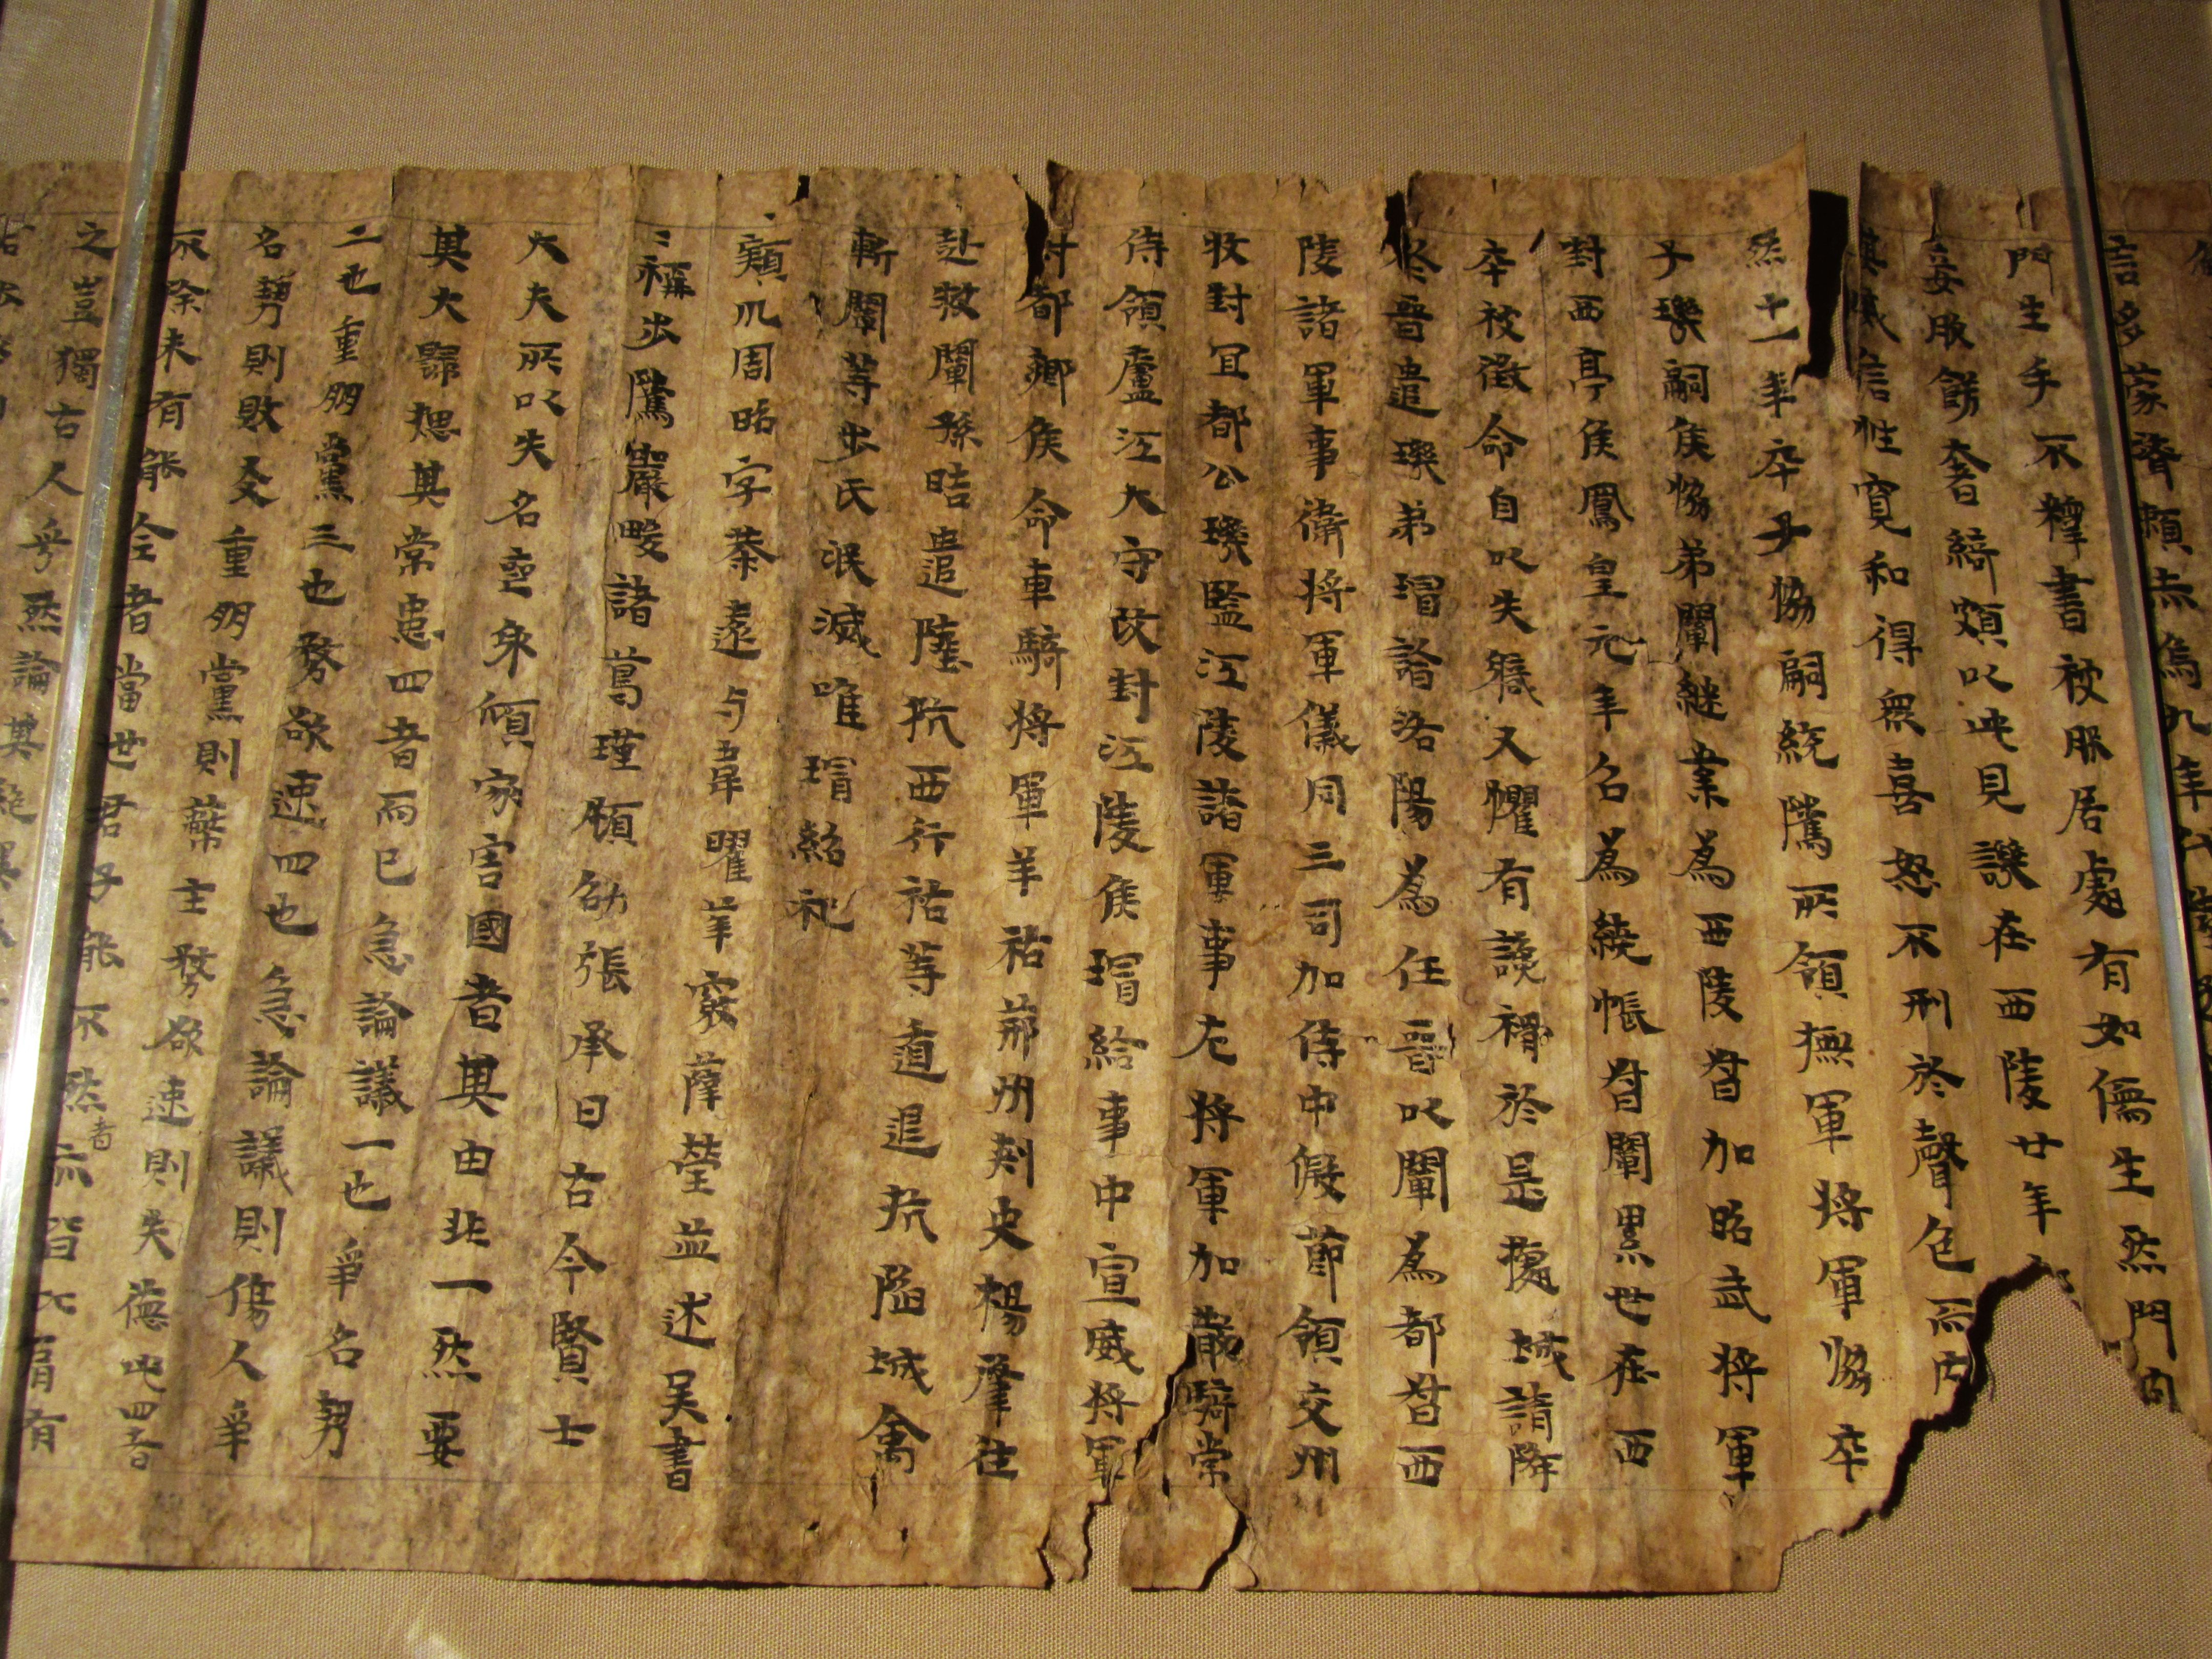 Depiction of Registros de los Tres Reinos